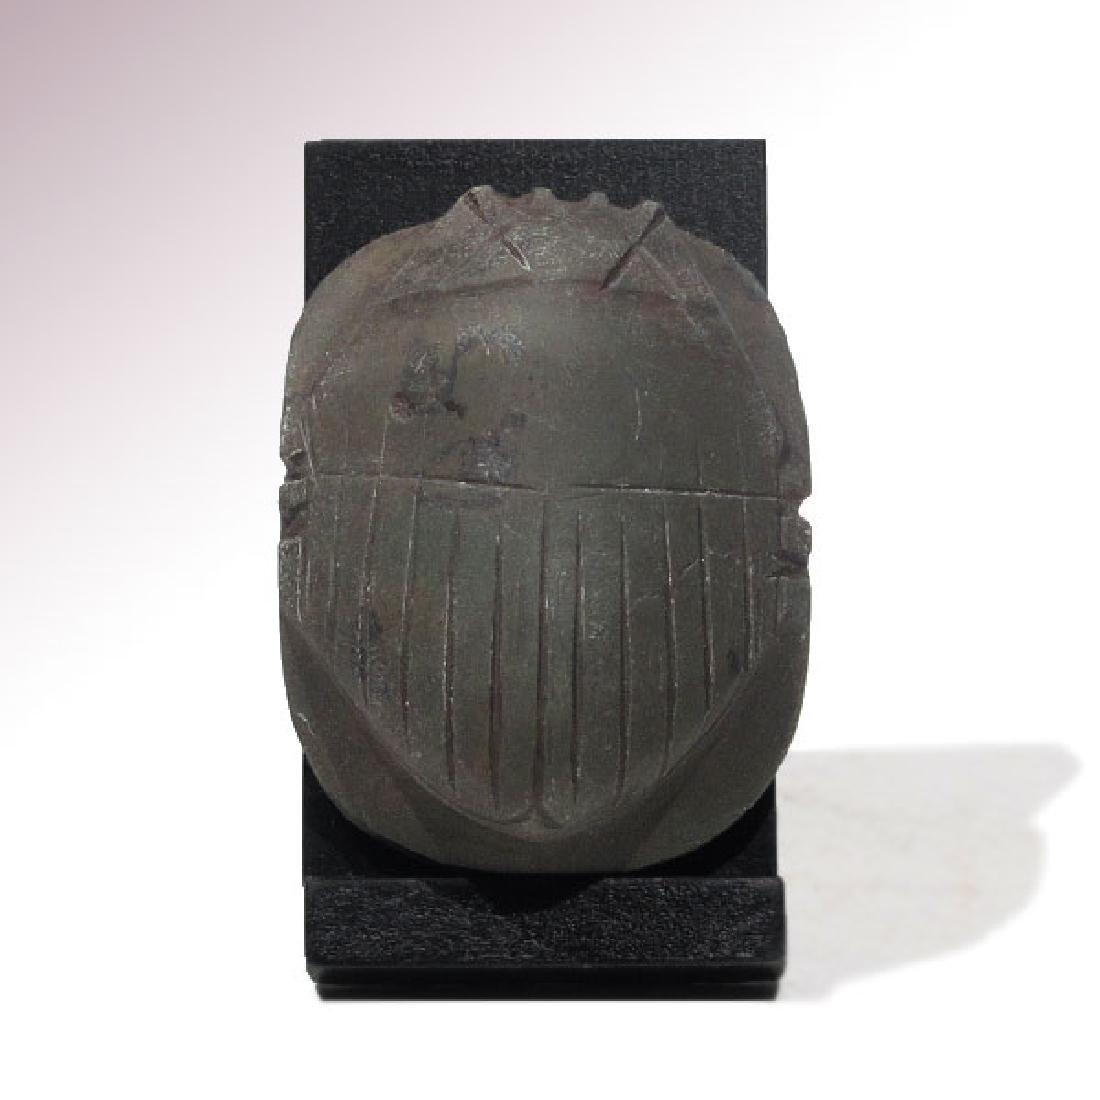 Egyptian Black Steatite Heart Scarab, c. 664-332 B.C.